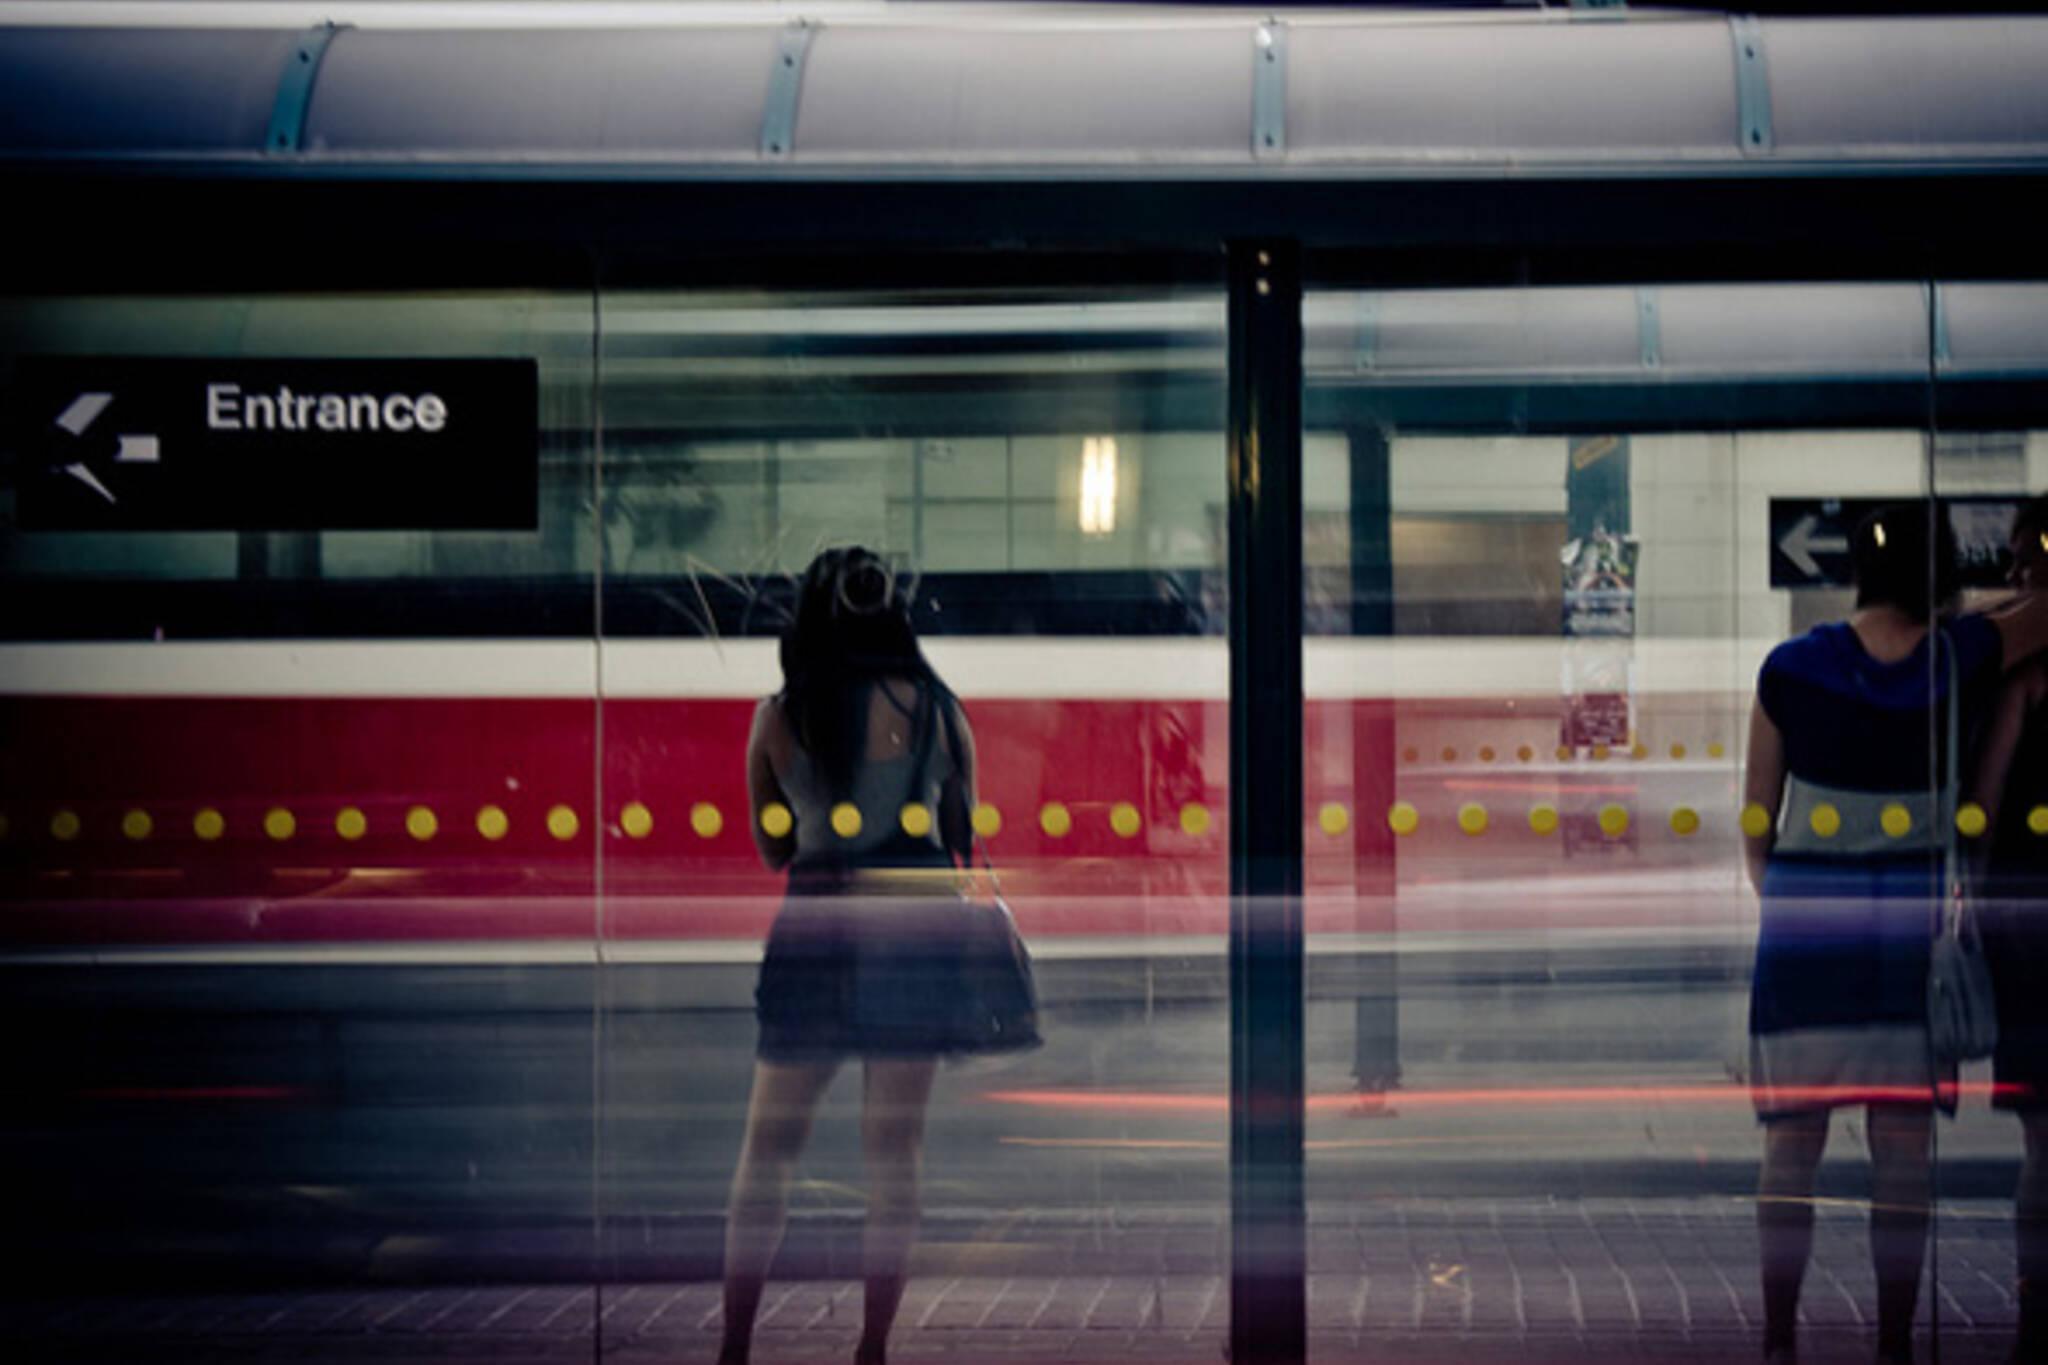 streetcar, streak, wait